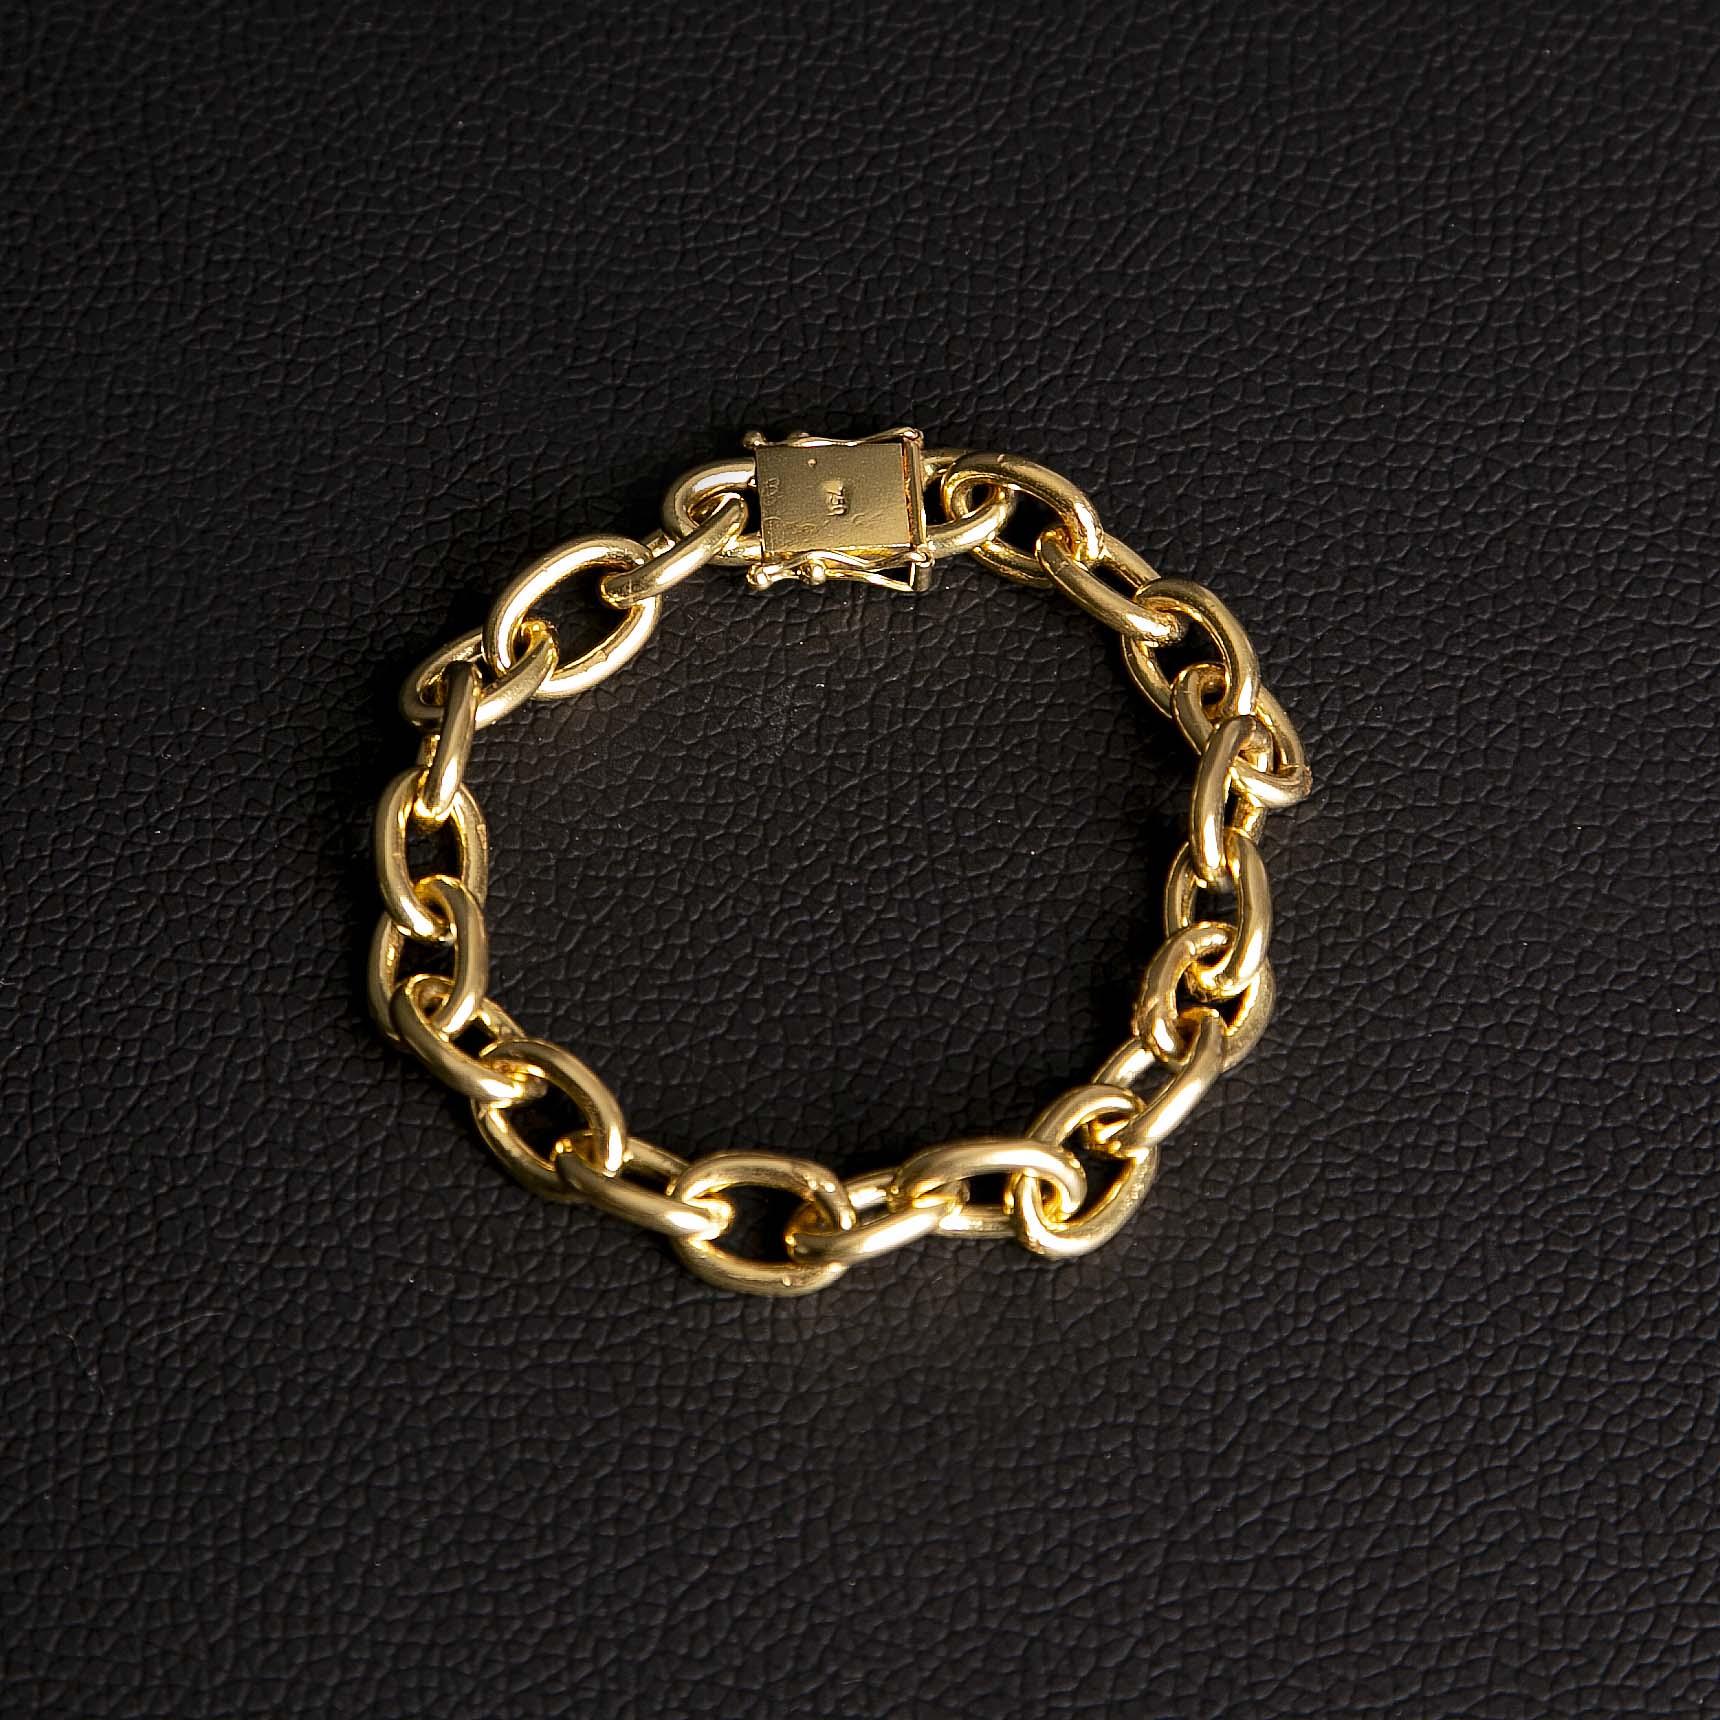 Pulseira cadeado 10mm feito de moeda antiga